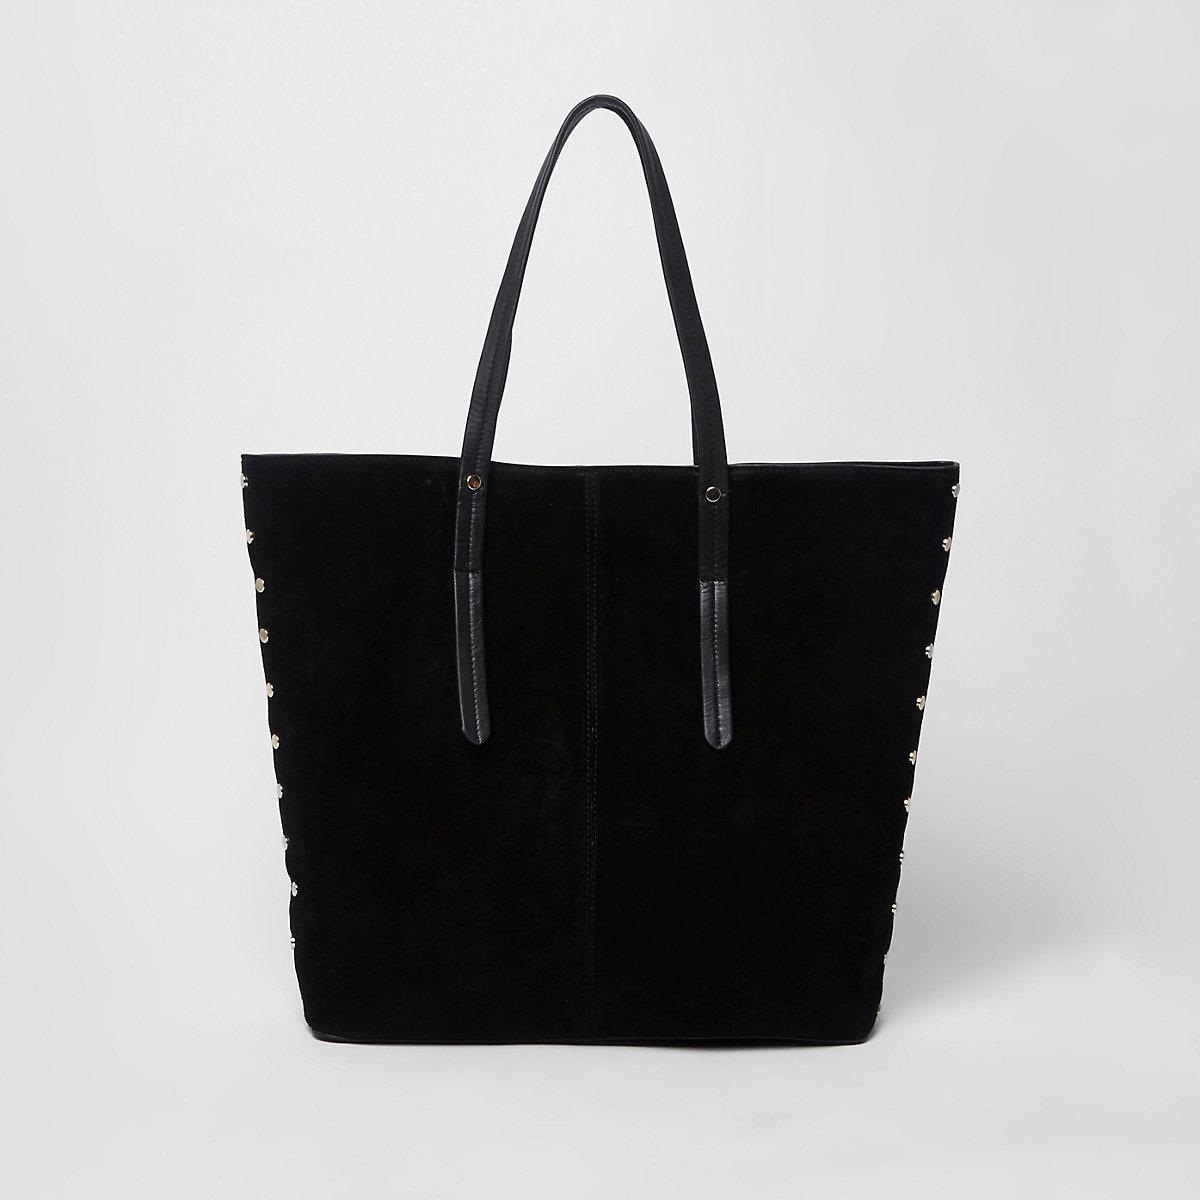 Black studded suede croc tote bag